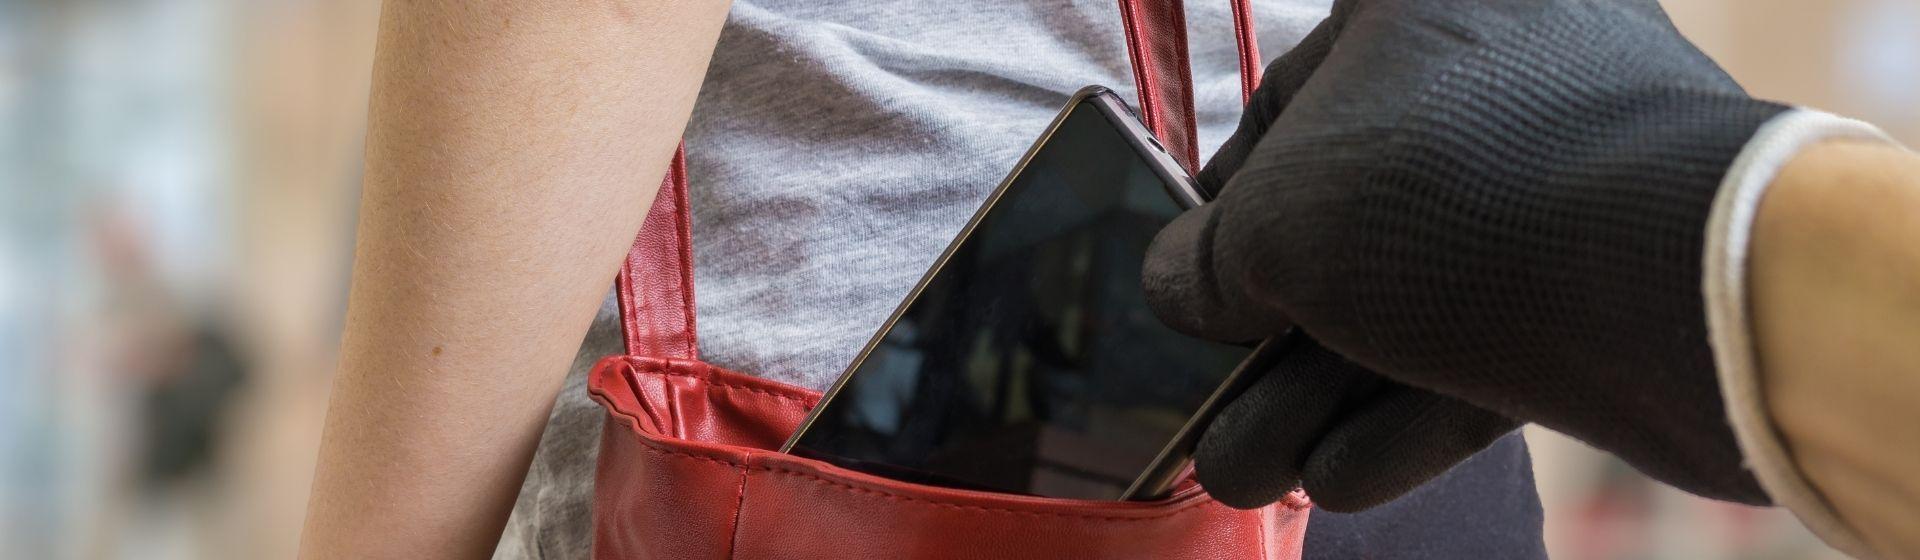 Como rastrear um celular roubado